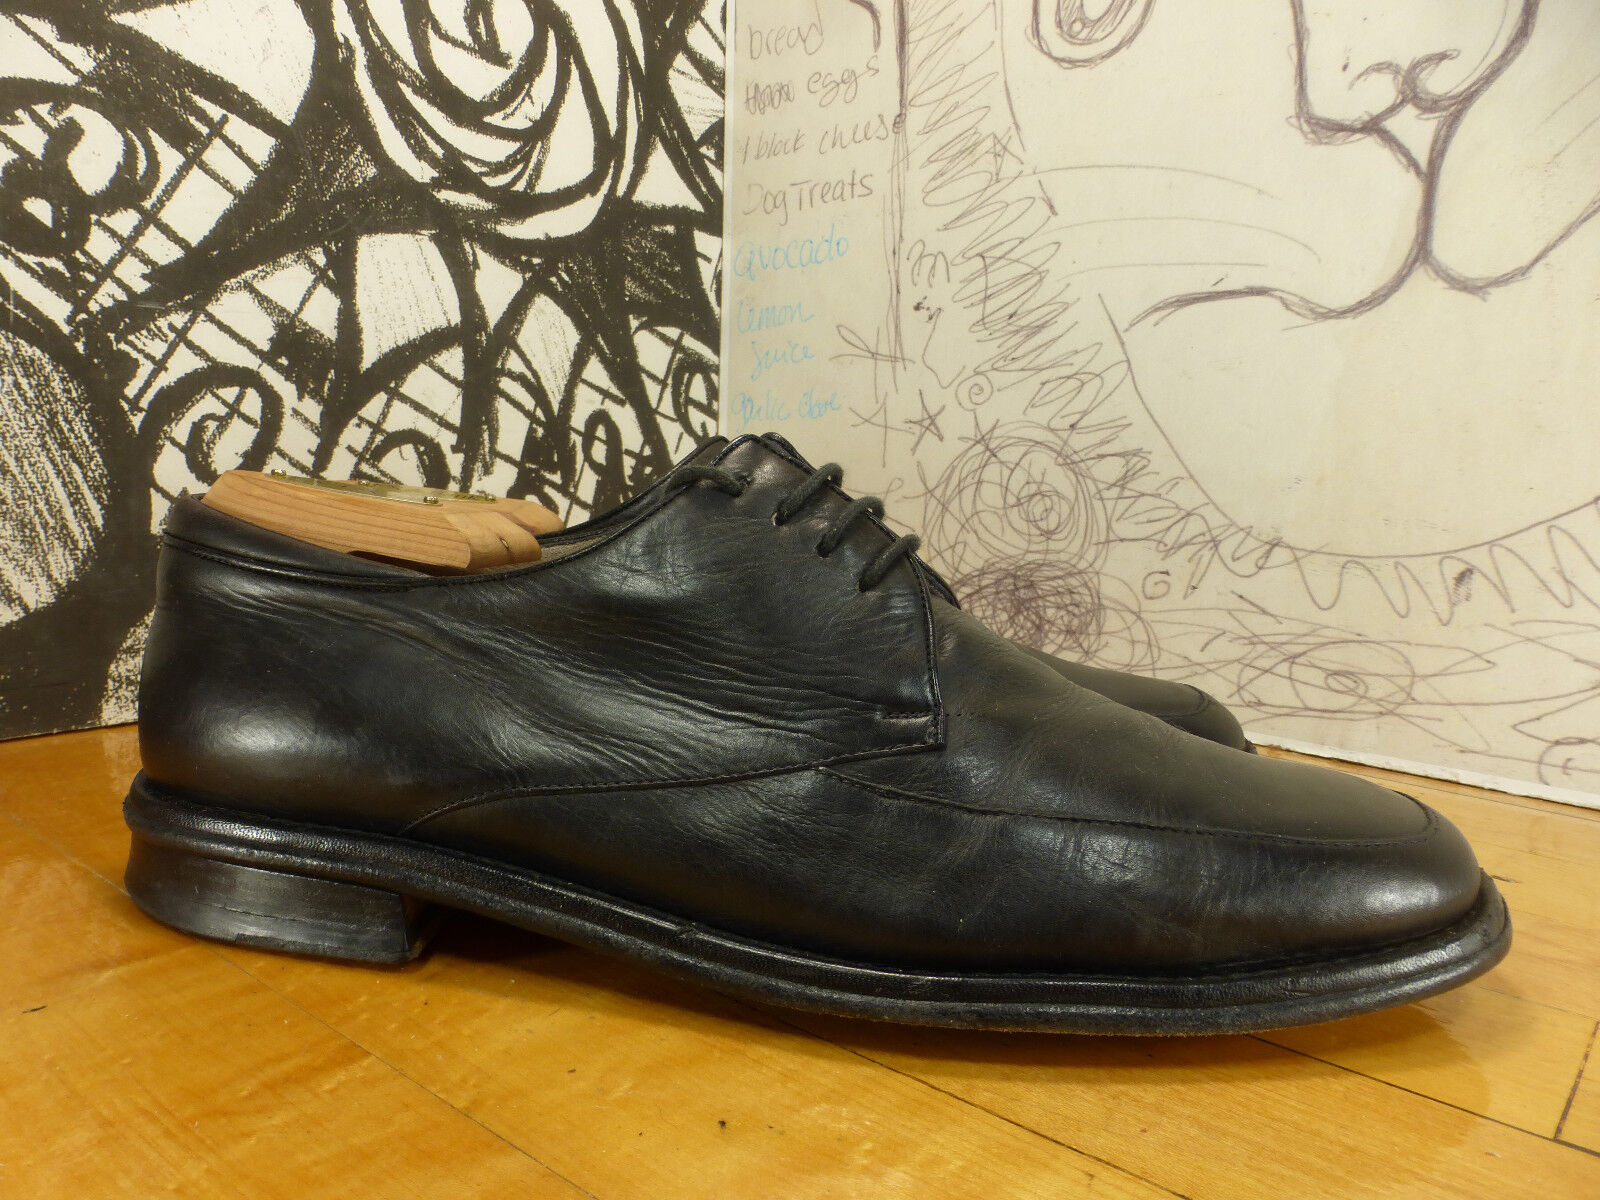 più preferenziale Bruno Magli nero Leather    Barton  Oxfords Uomo 9.5M Made in   è scontato